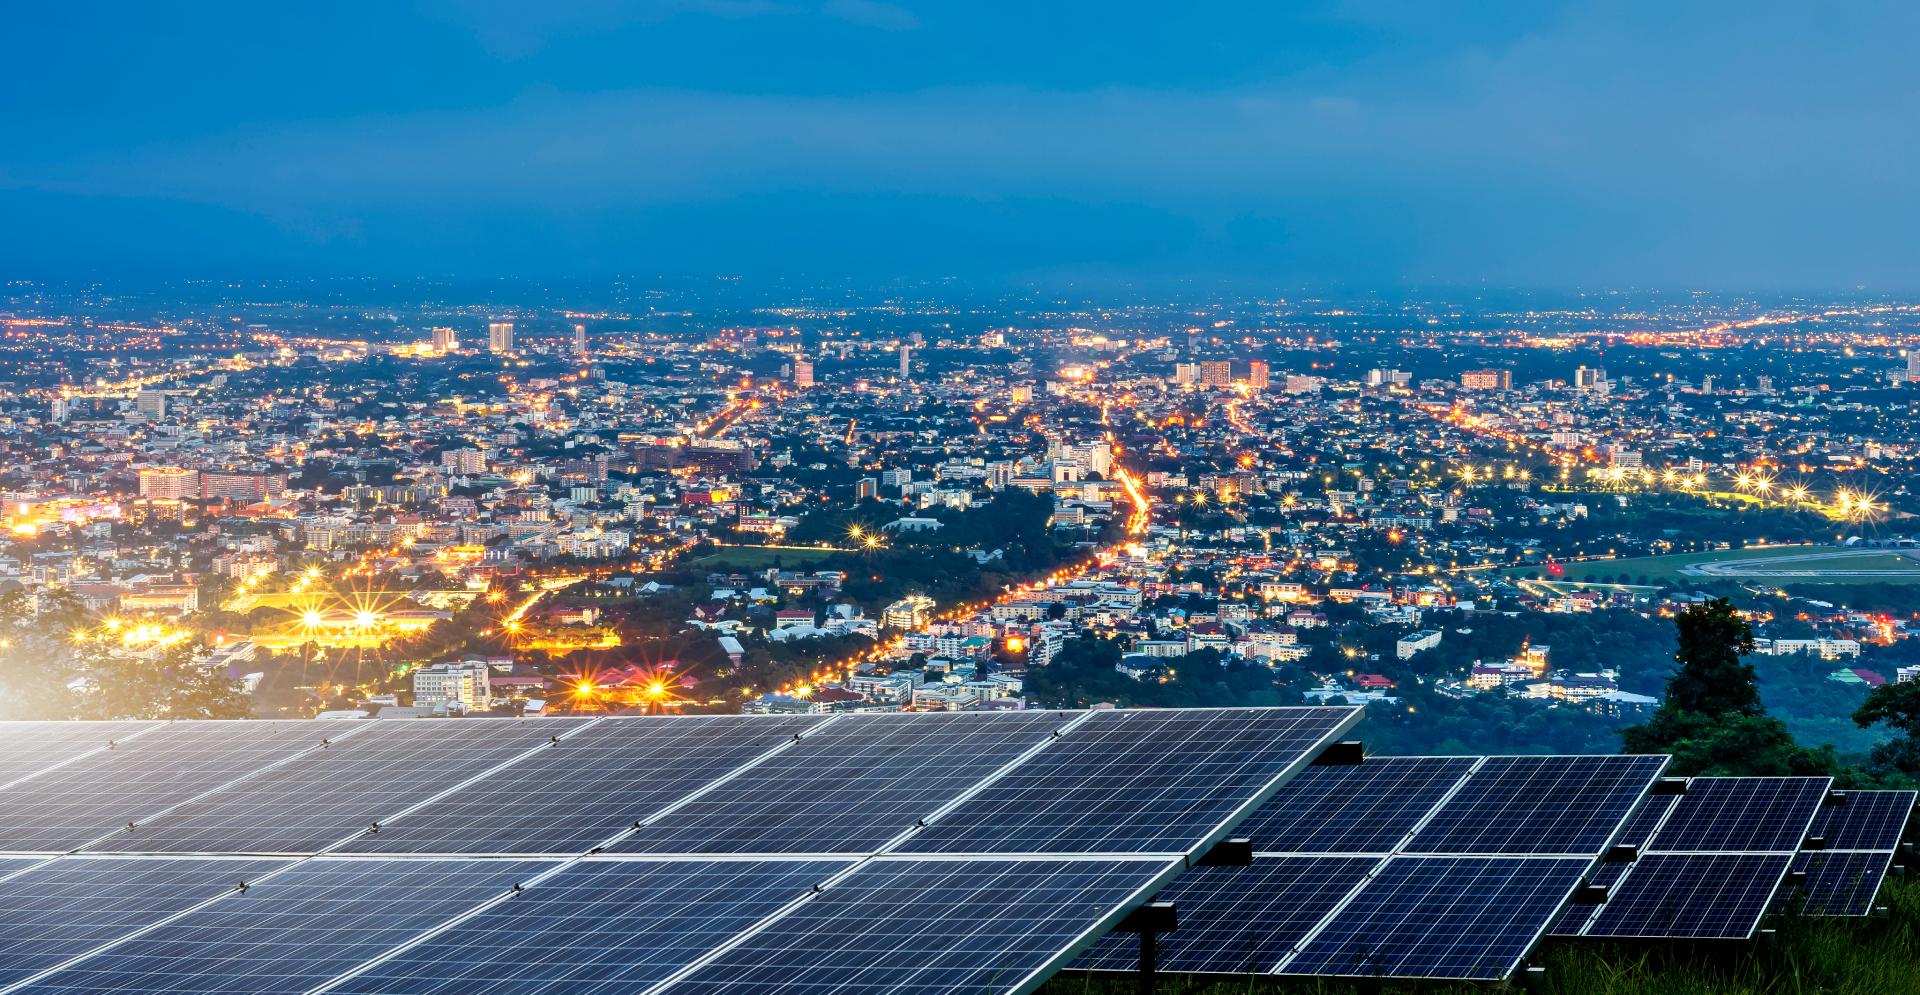 Nuovo report di Arcadis sulla transizione energetica